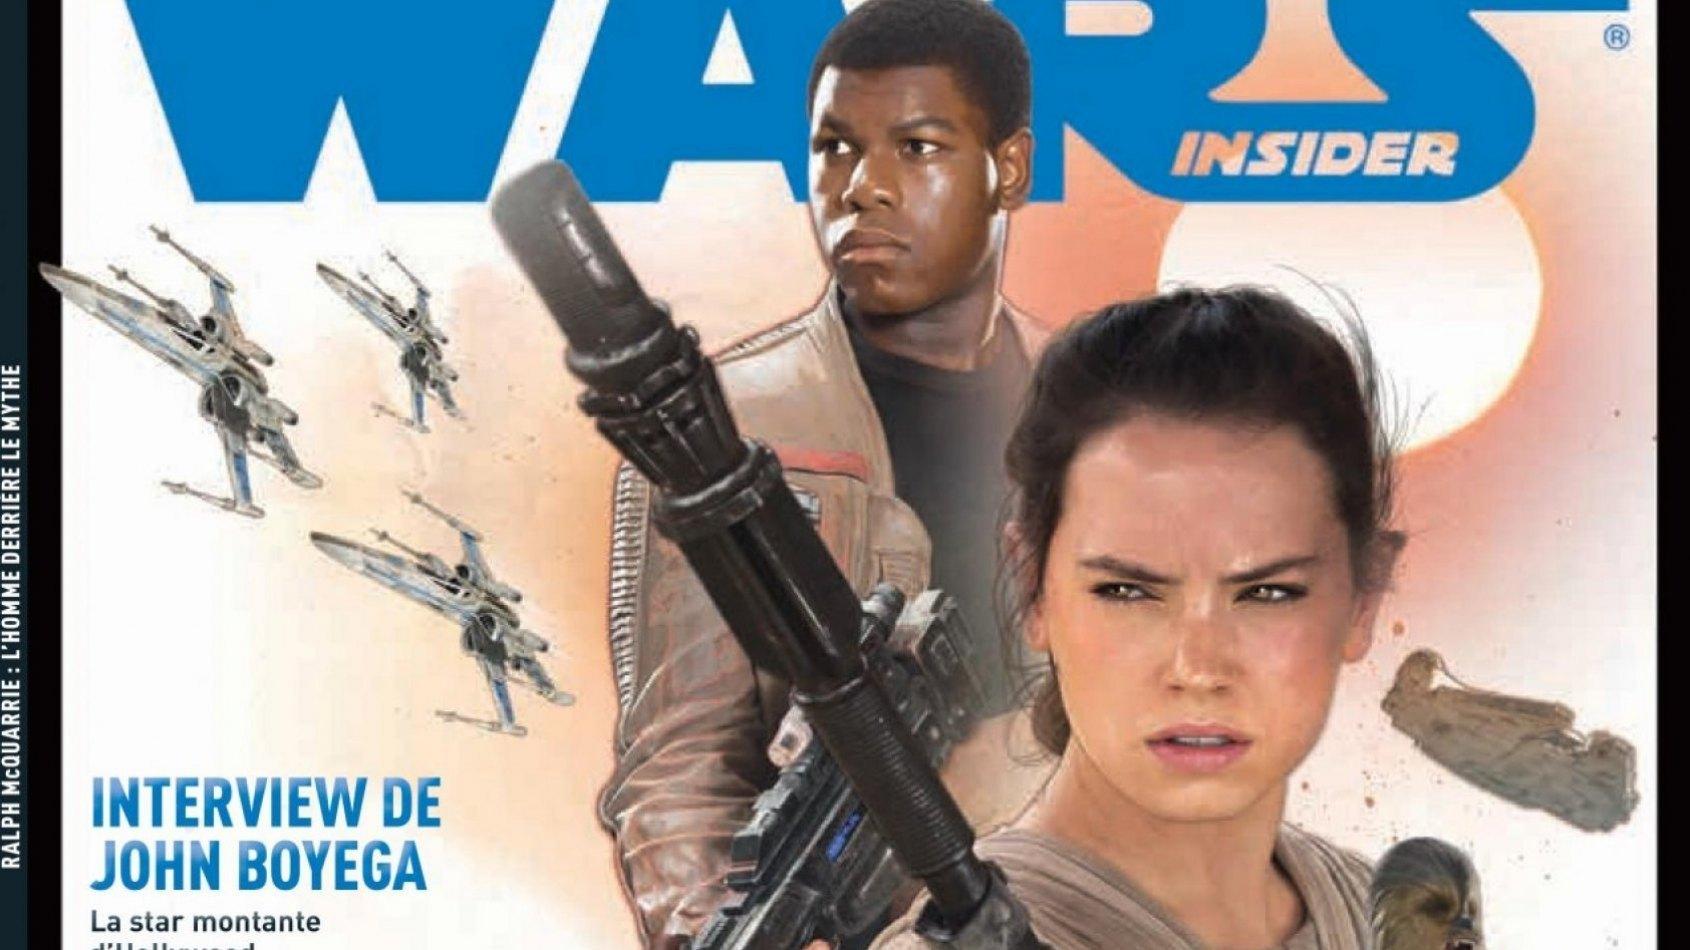 Sortie de Star Wars Insider n°6